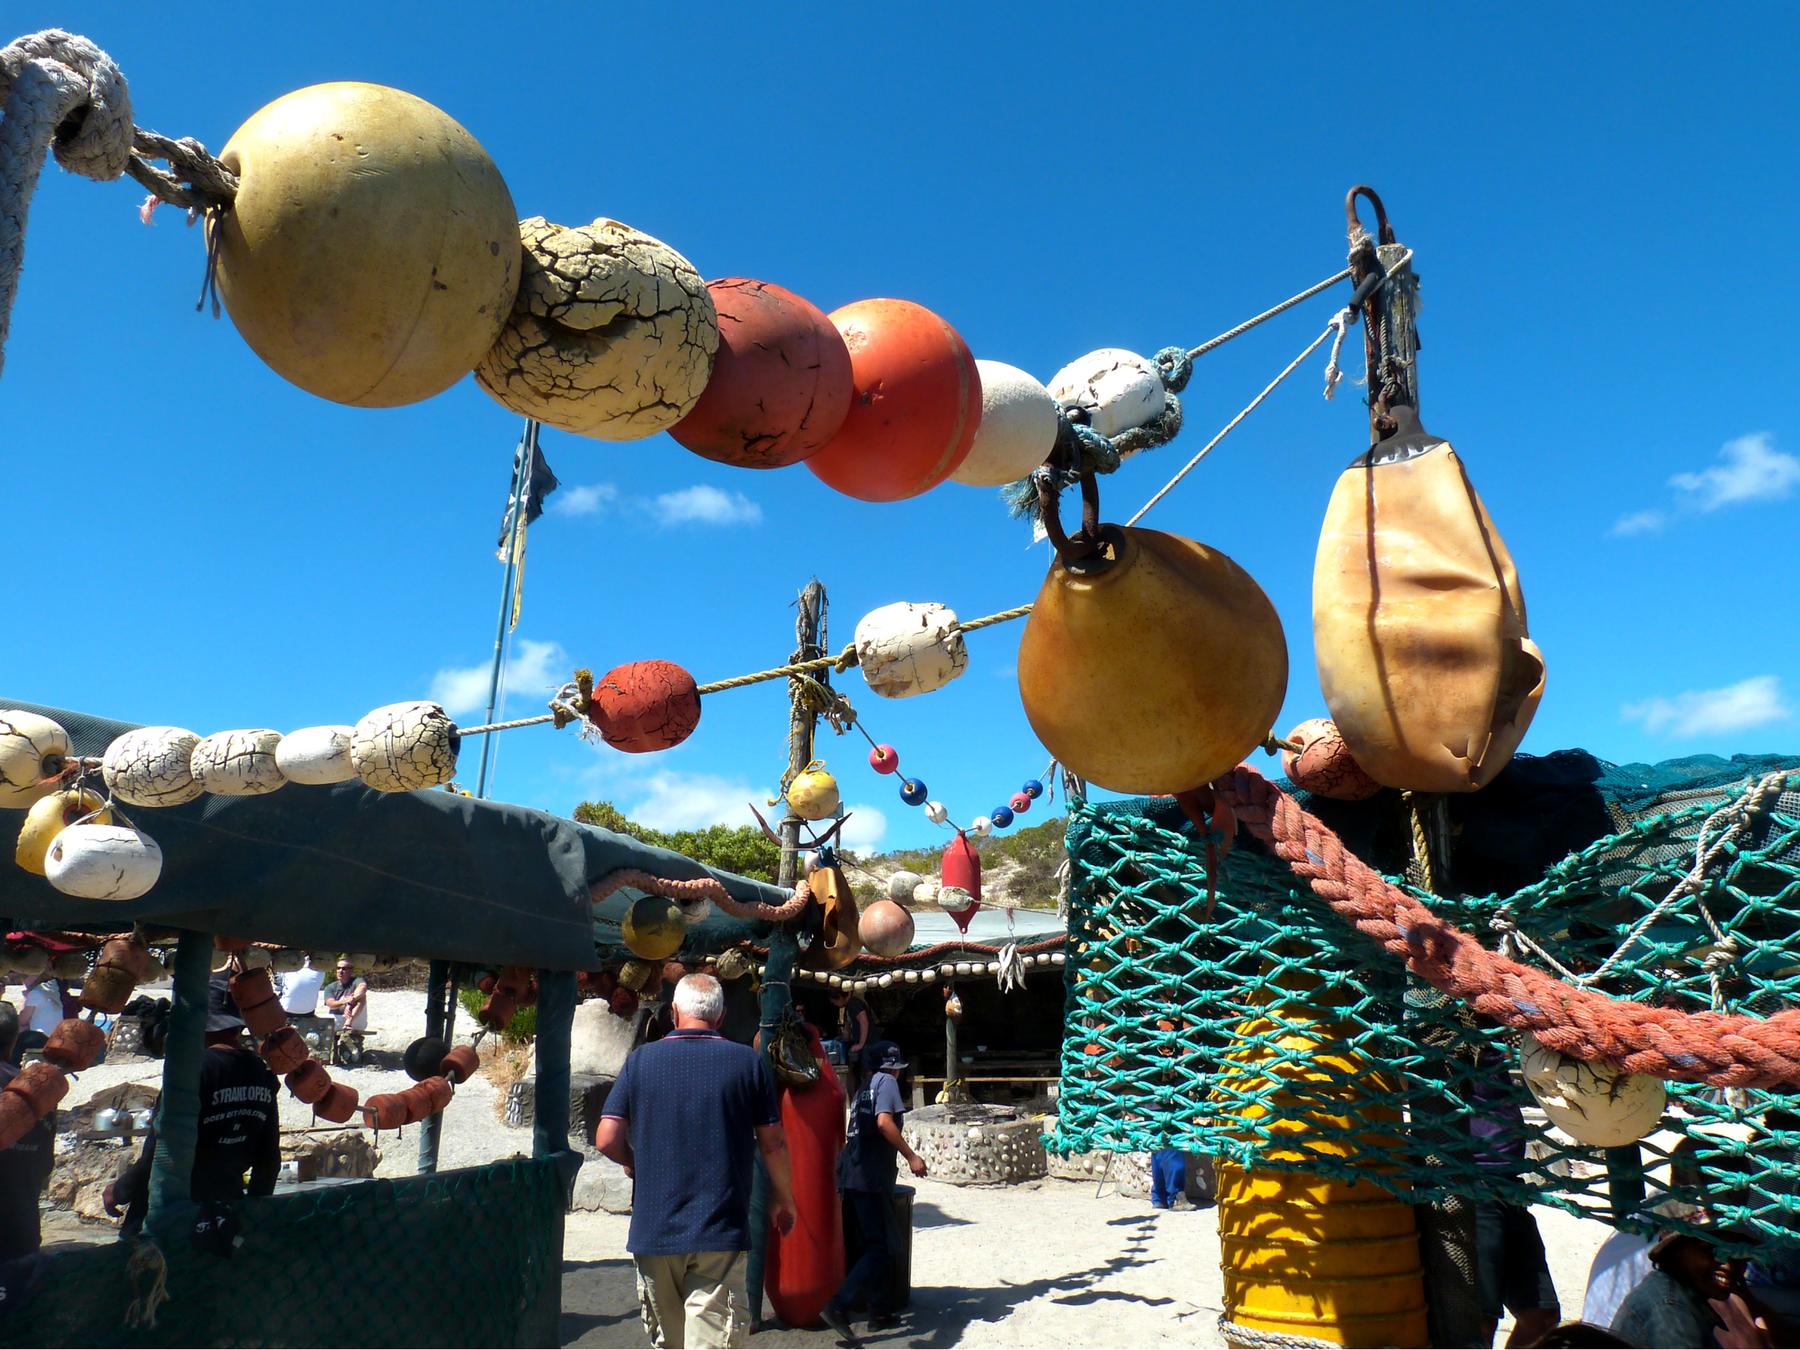 Roteiro-Cidade-do-Cabo-4-a-7-dias-die-strandloper-rustico Roteiro Cidade do Cabo 4 a 7 dias (Sensacional)!